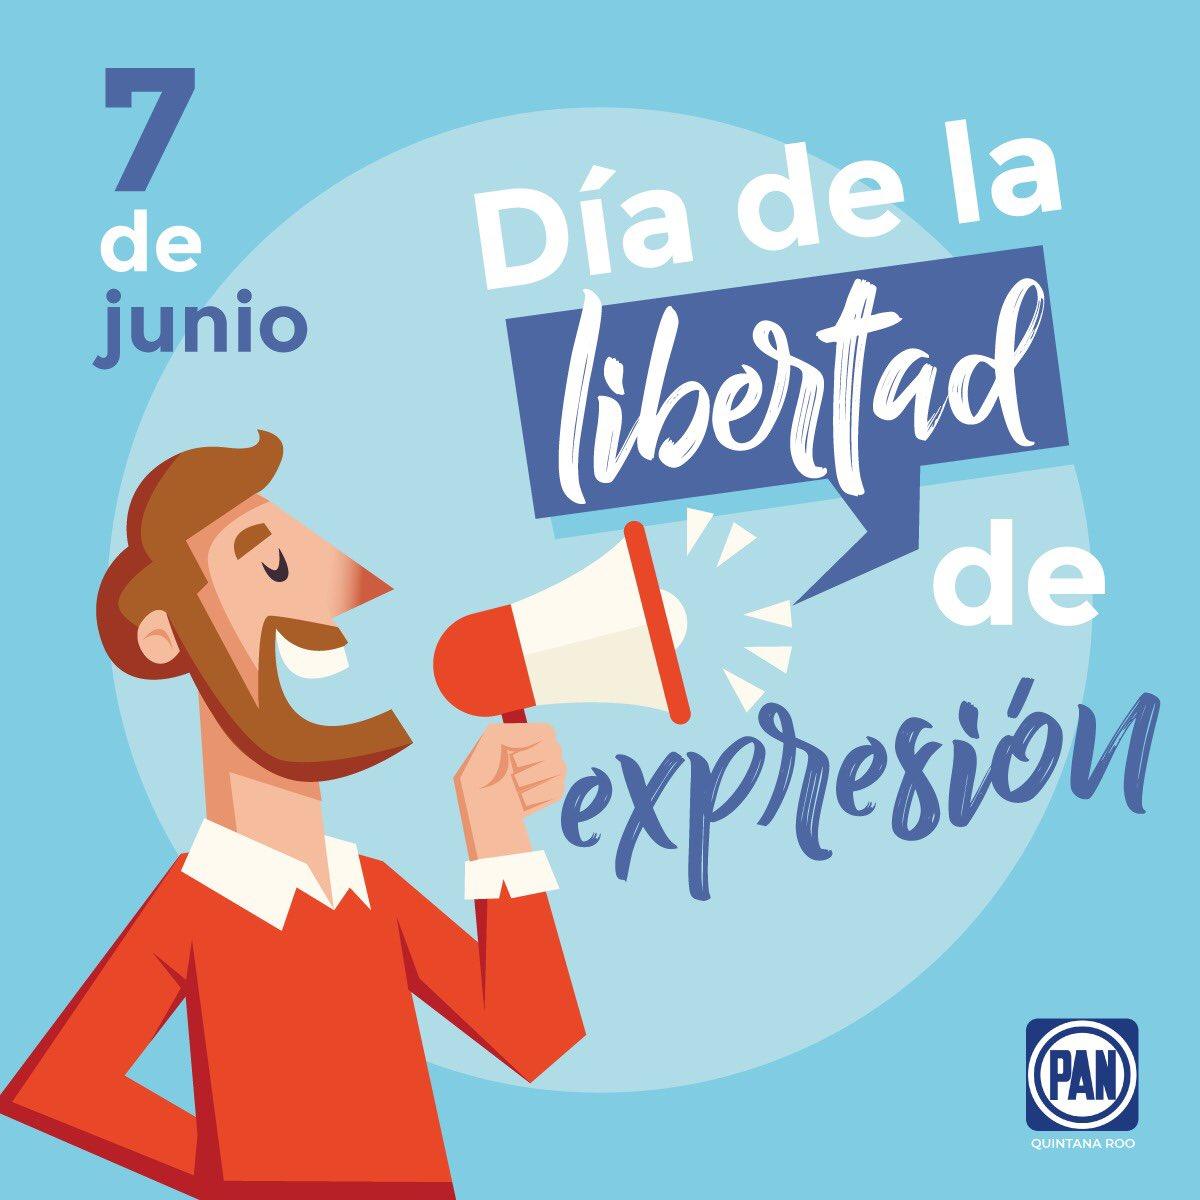 Expresar ideas, pensamientos y sentimientos a través de las palabras, la música, el cuerpo, el arte o cualquier medio es uno de los derechos fundamentales que se celebra este 7 de junio.🎤🎶🎨 #DíaDeLaLibertadDeExpresión